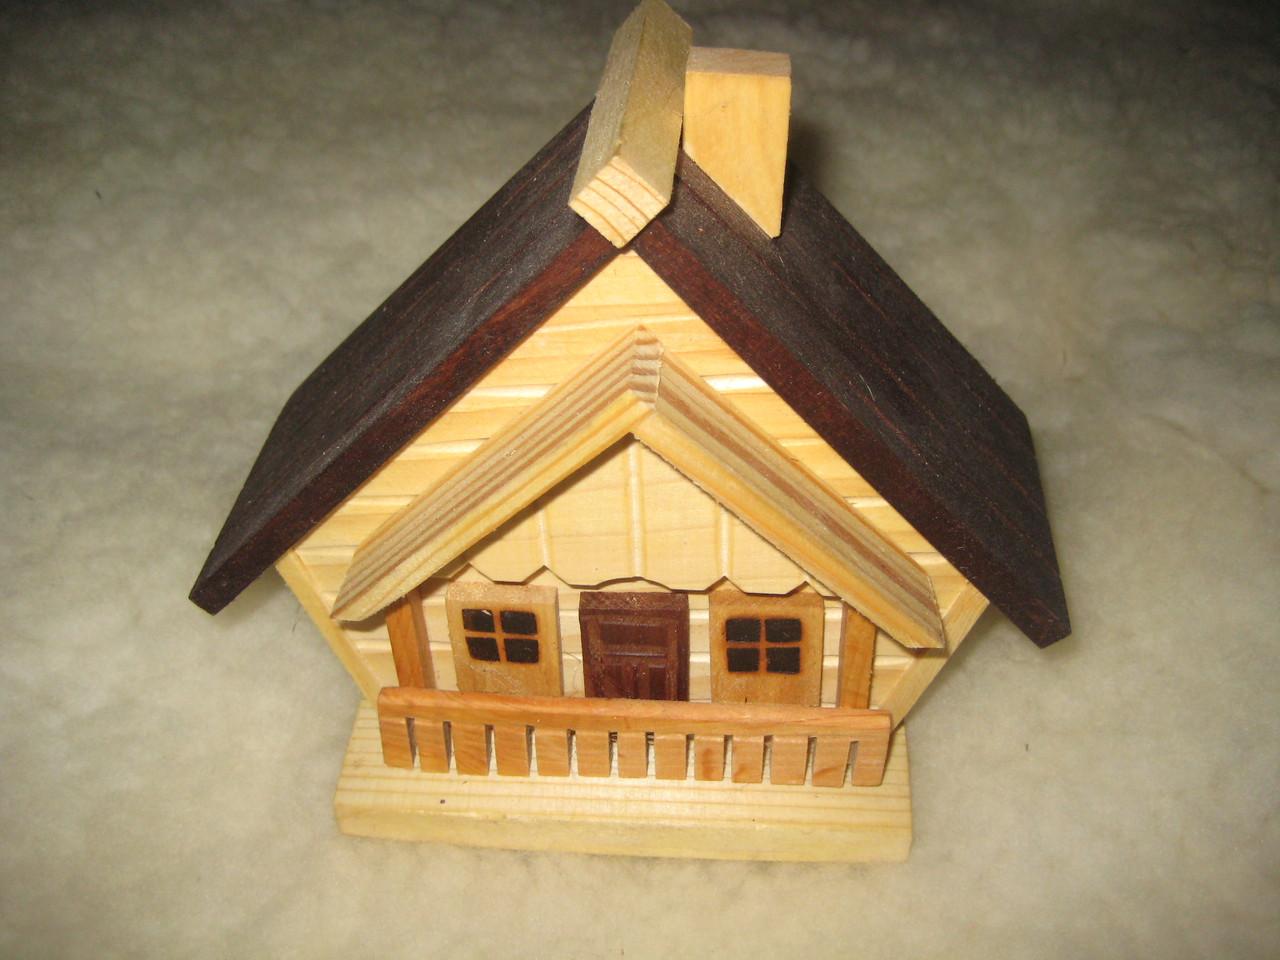 Домик-копилка деревянный  ручной работы с коричневой крышей